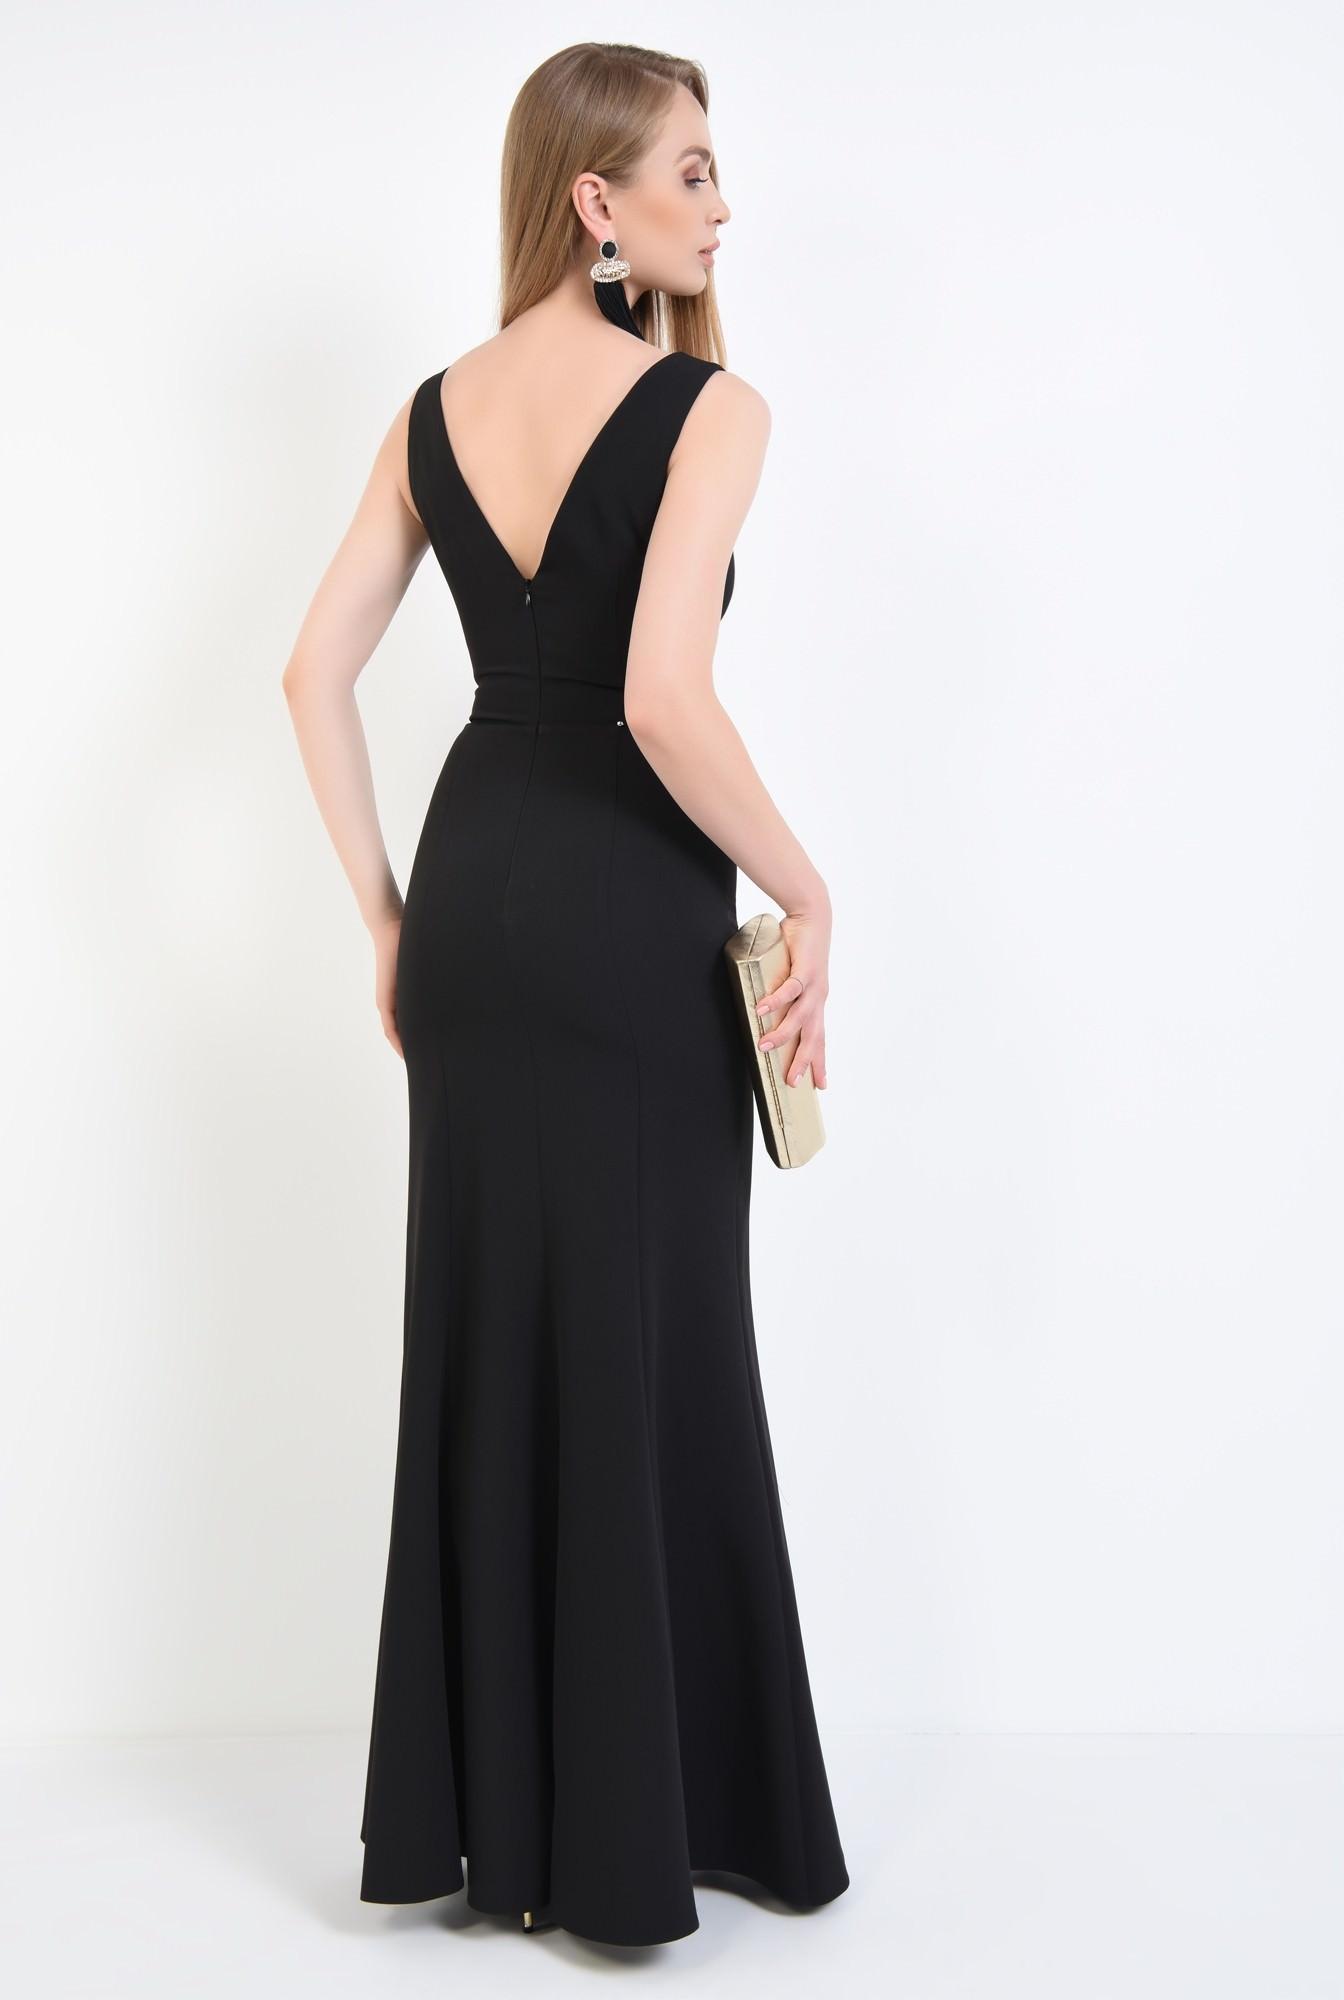 1 - rochie de seara, decolteu, anchior, negru, slit